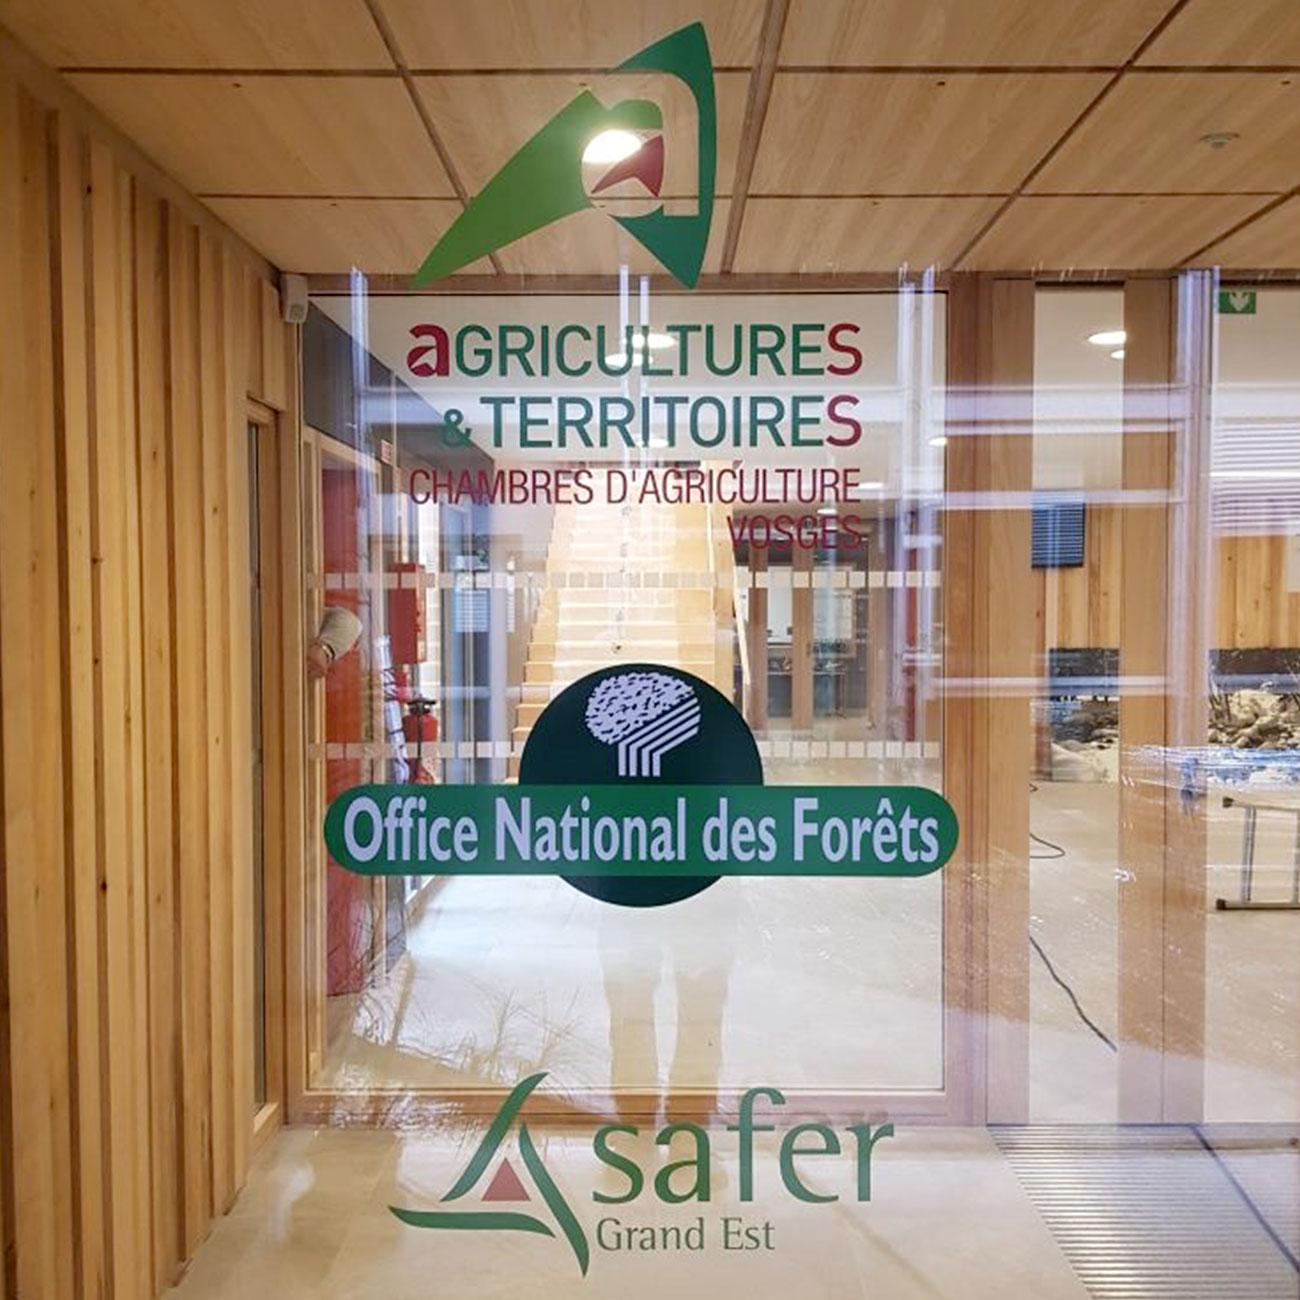 Signalétique Chambre d'agriculture